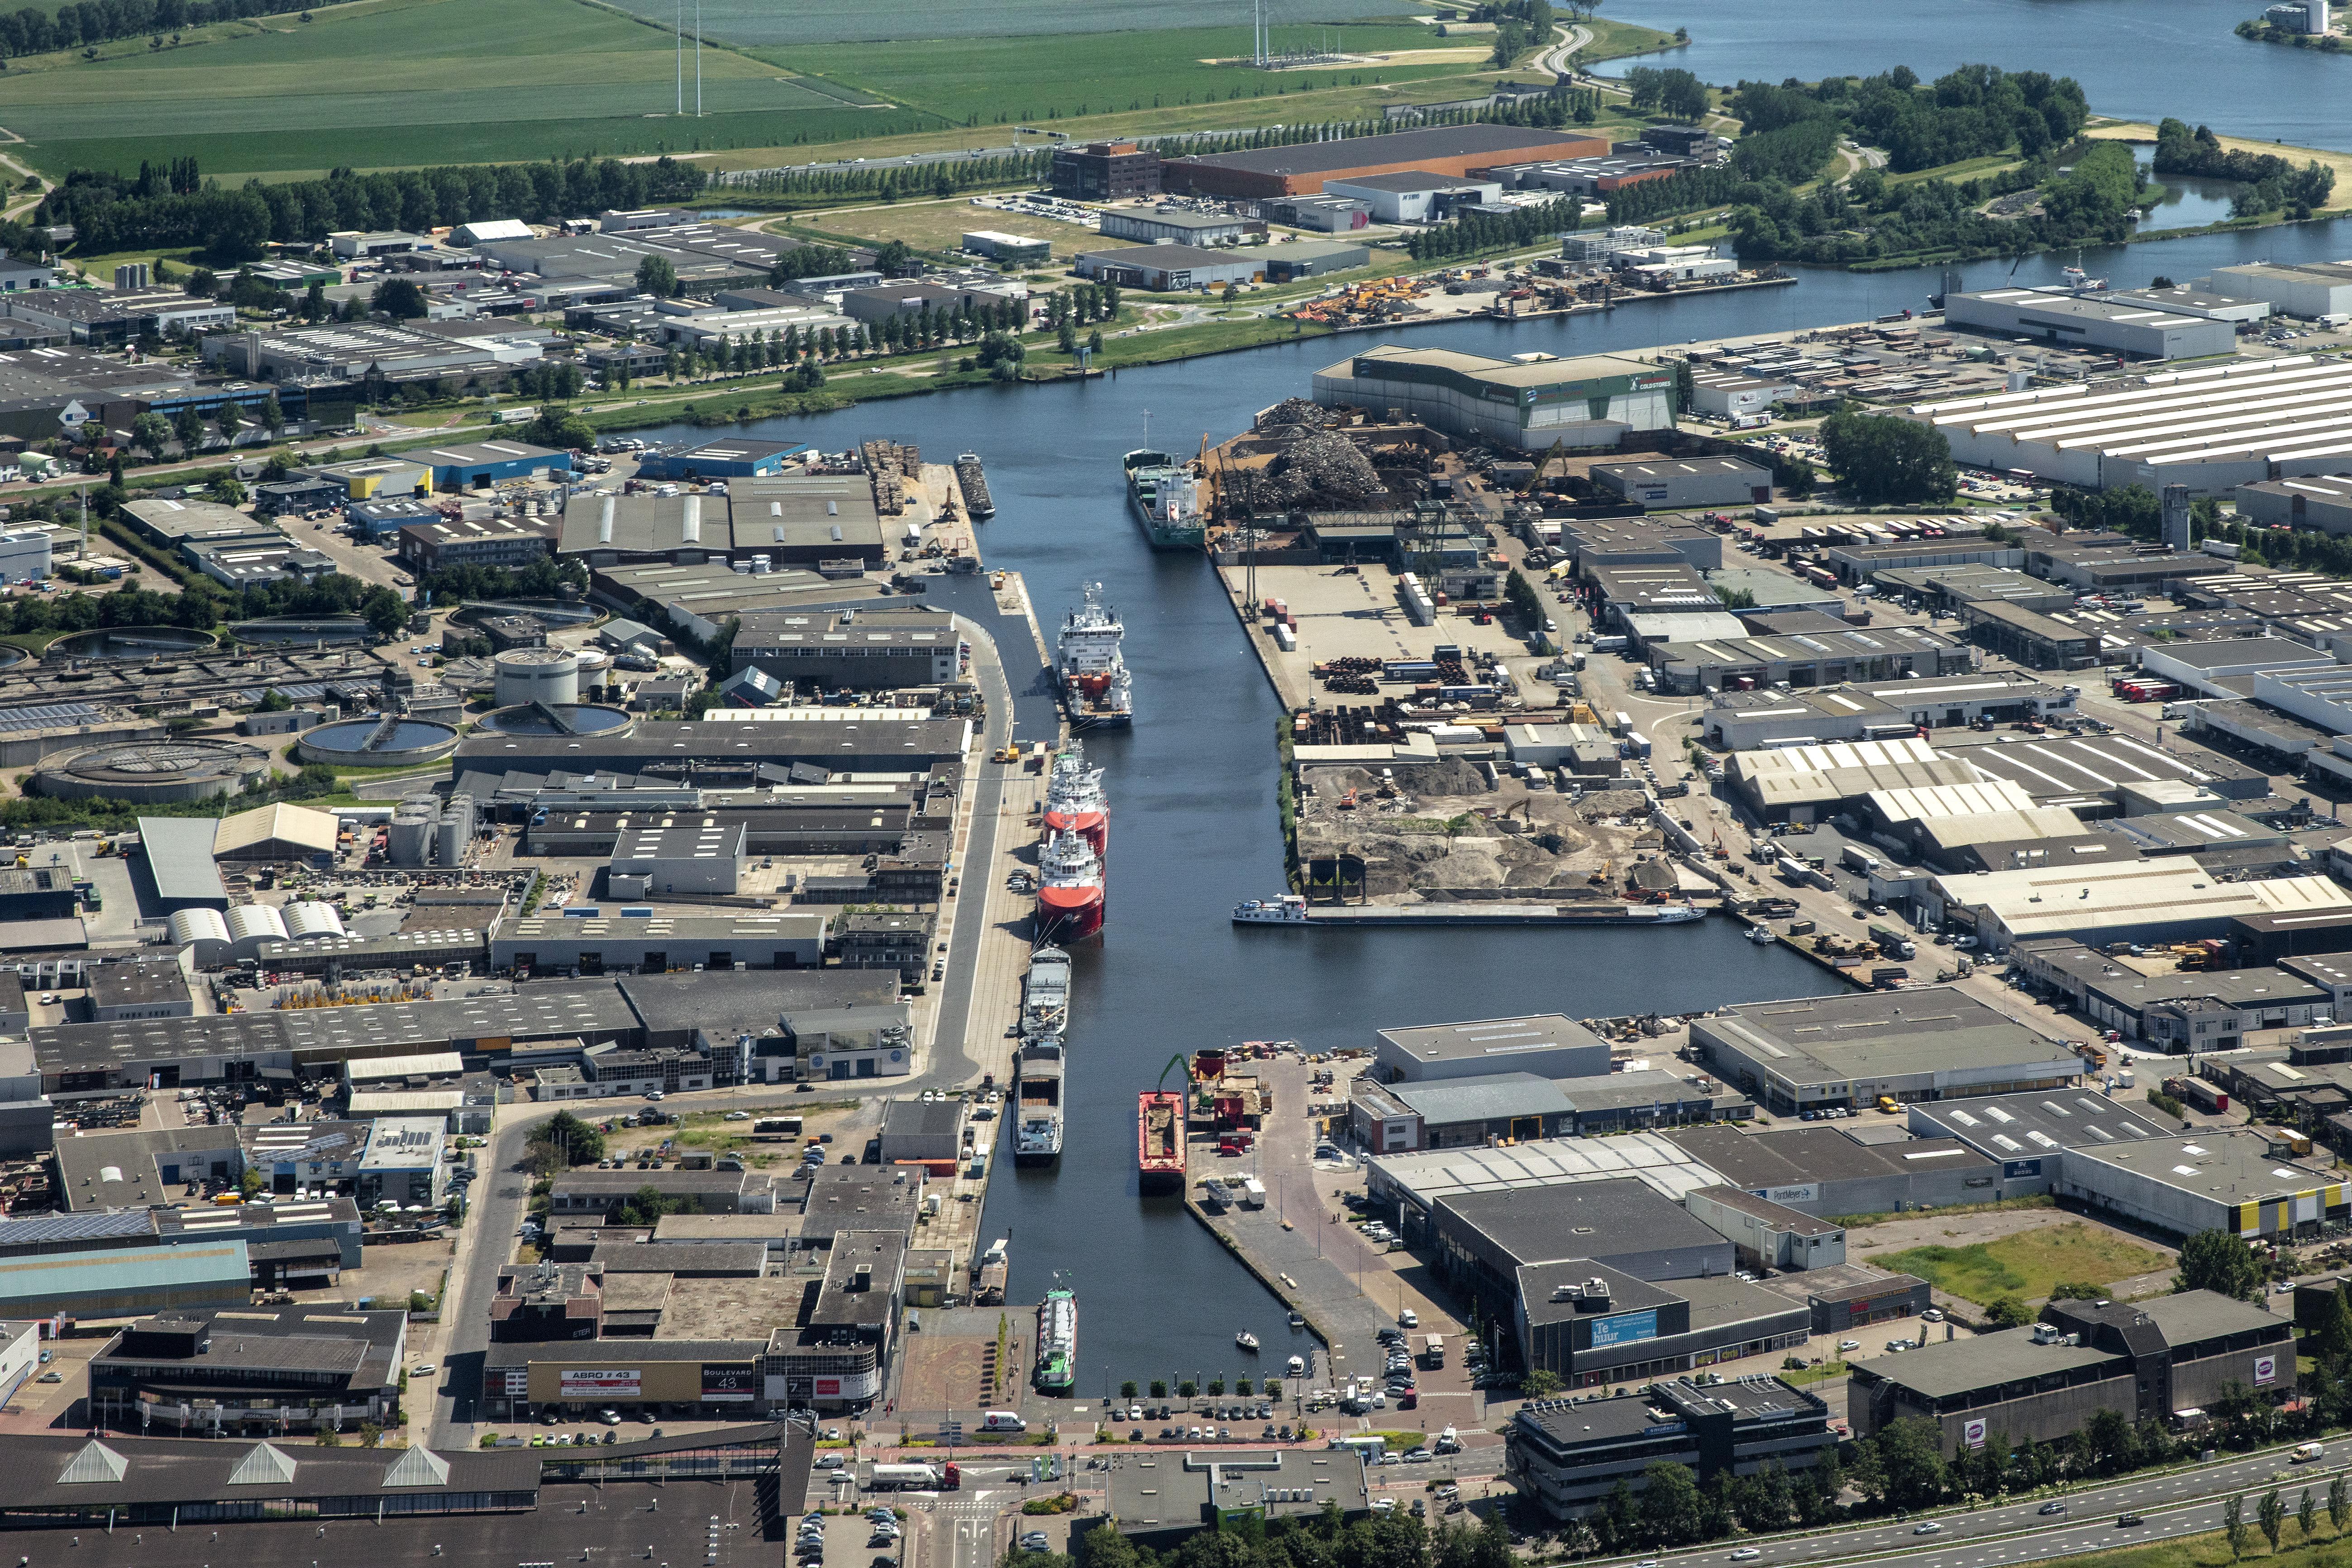 Provincie trekt een streep door Beverwijks woningbouwplan Kop van de Haven. Bedrijven uit de zwaarste milieucategorie hebben voorrang op huizen